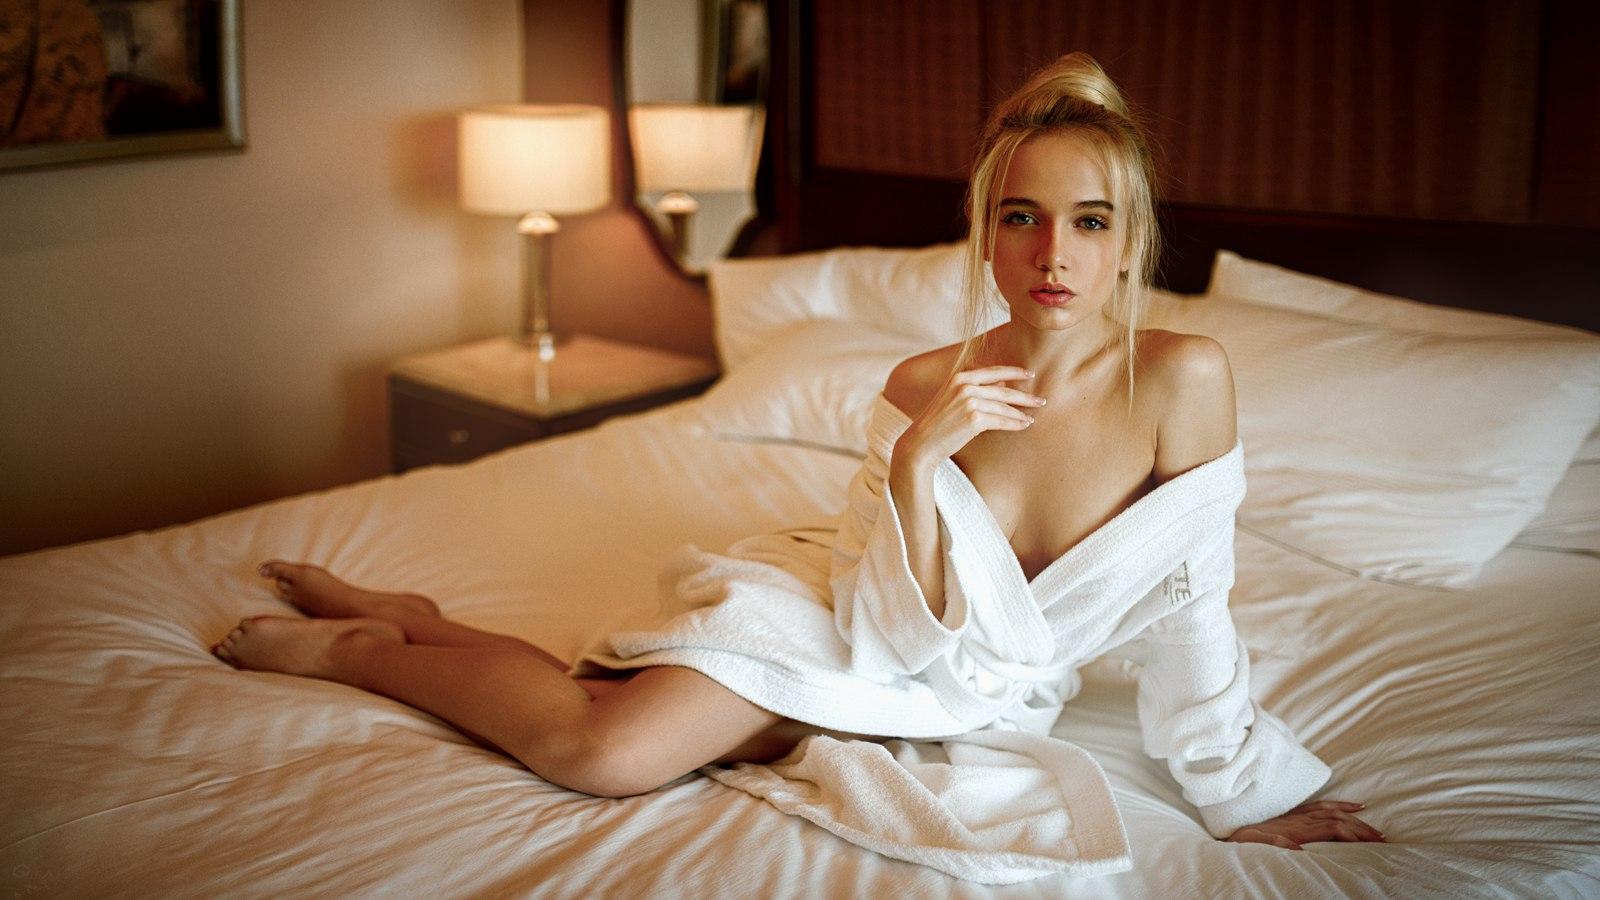 с блондинкой в постели нужно какое-то